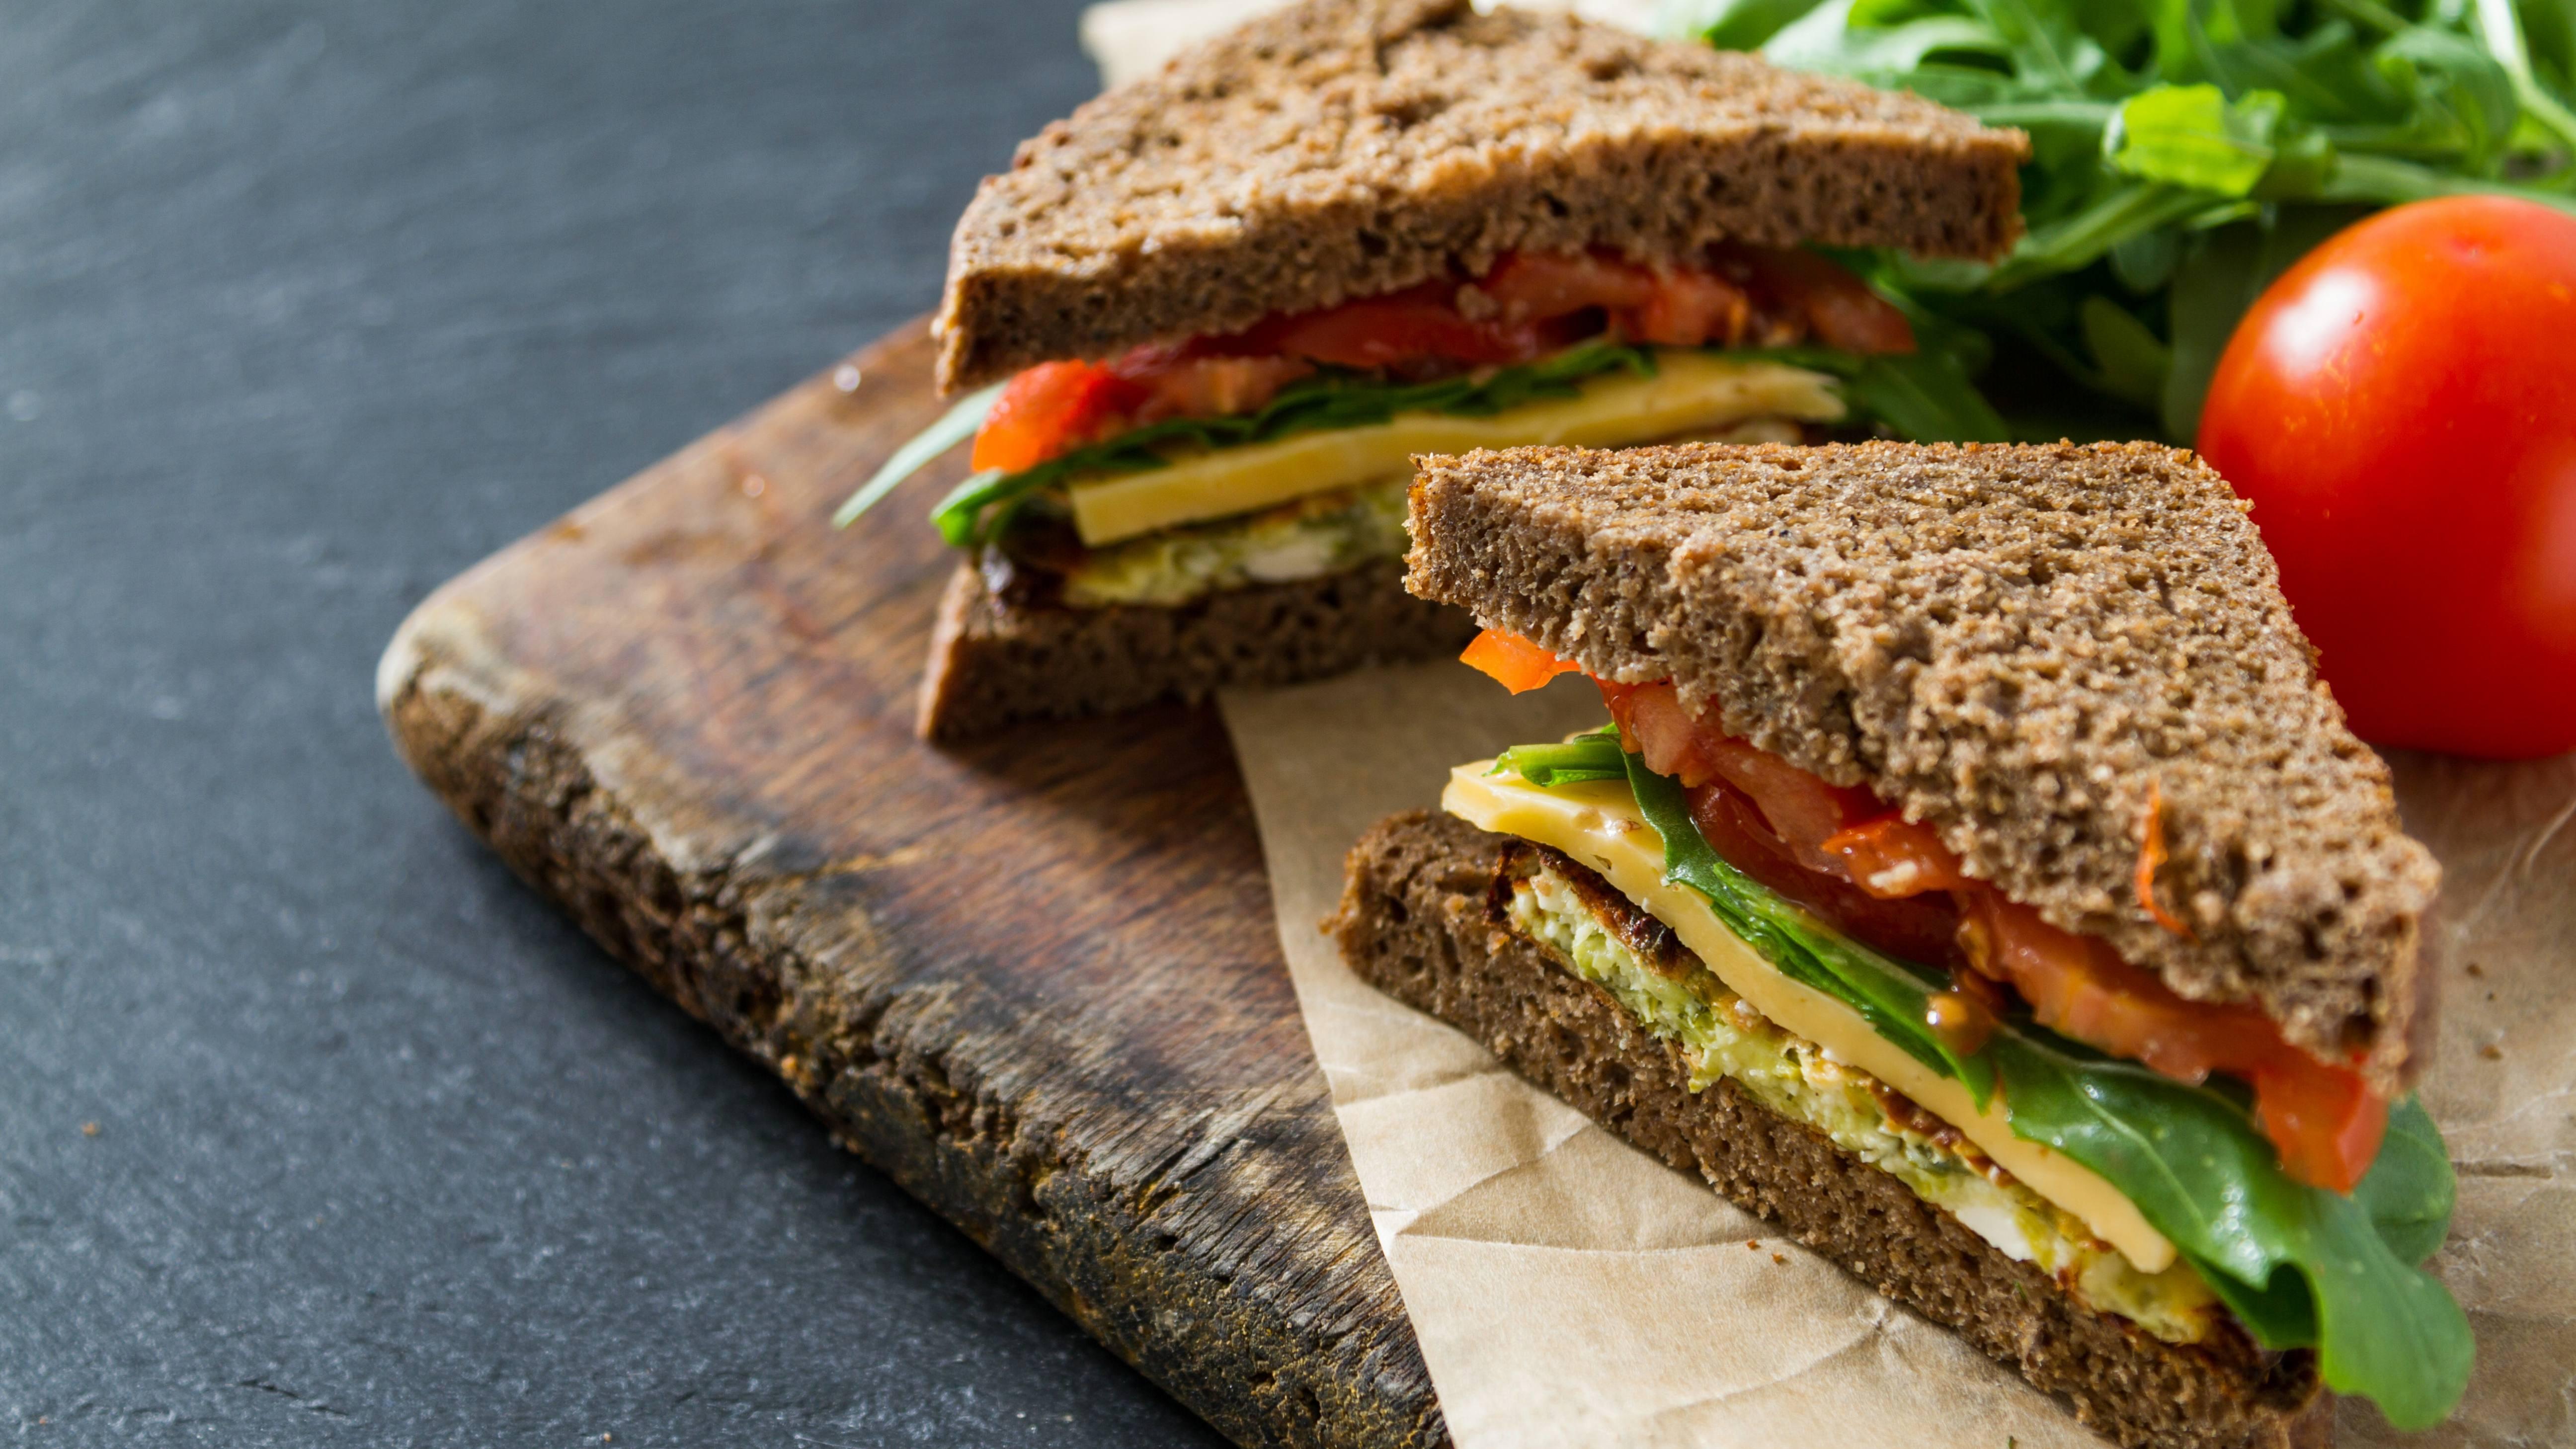 健康的午餐三明治,全麦面包和新鲜蔬菜